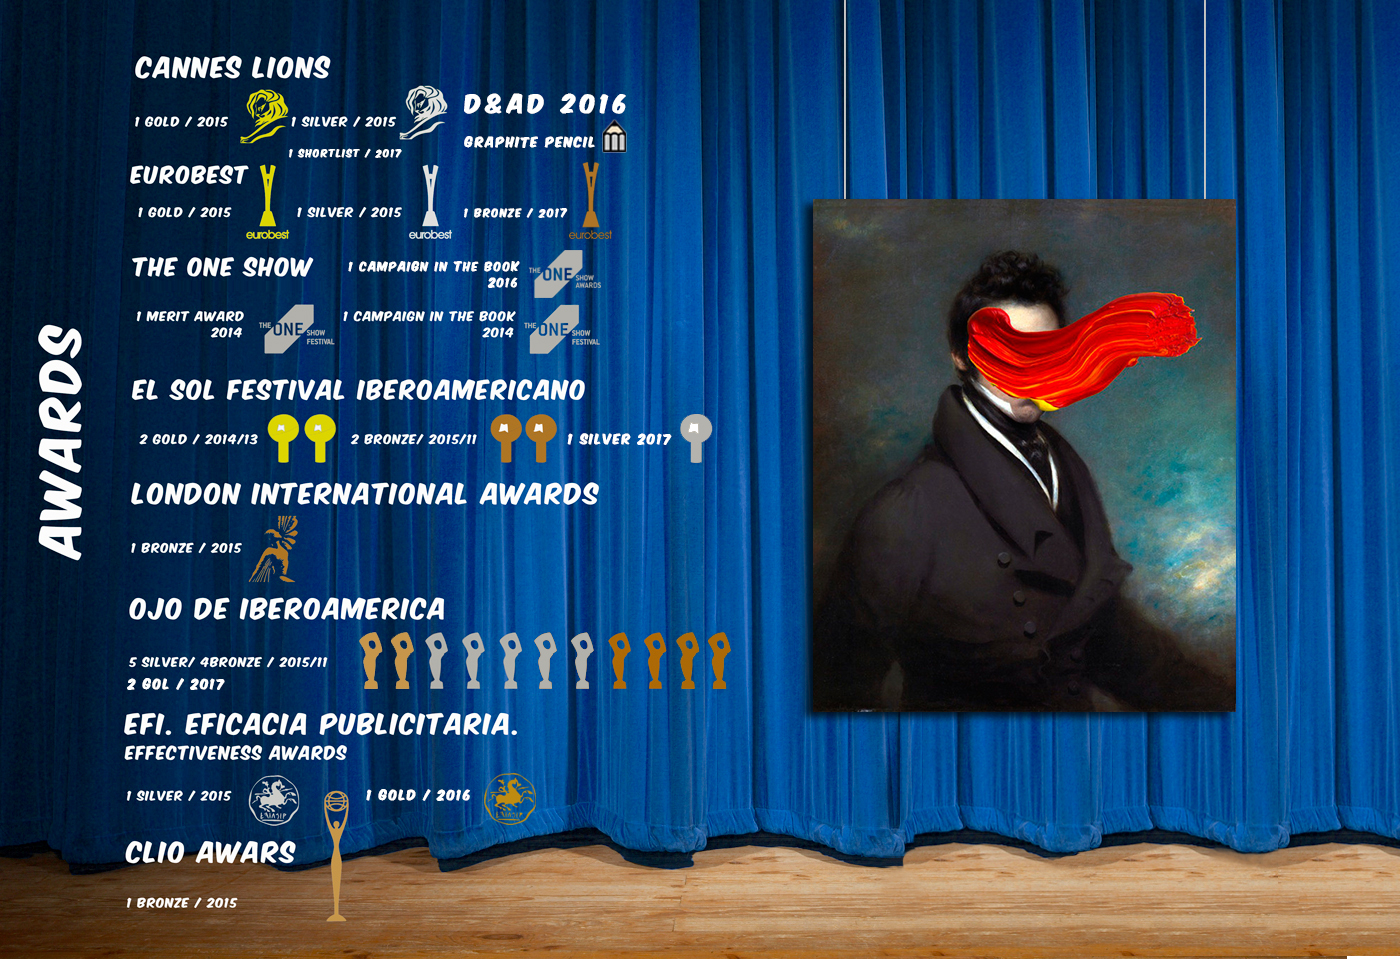 premios-ok-03